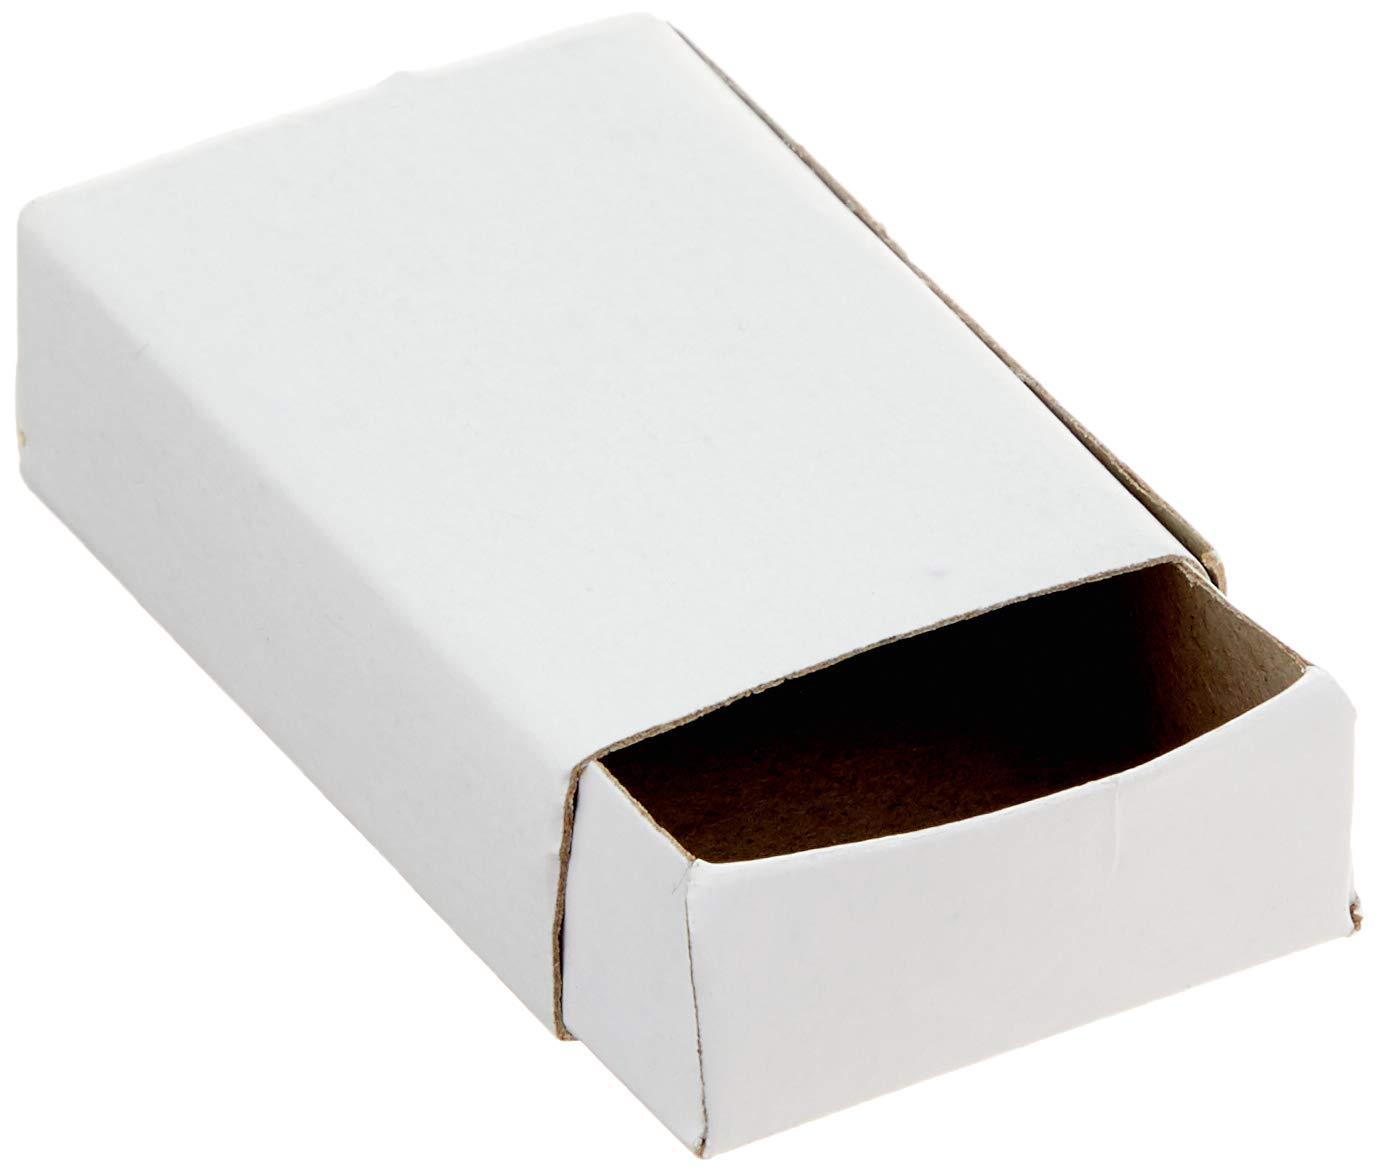 Baker Ross Cajas de Cerillas para Crear modelos y adornos (Paquete de 30) Manualidades infantiles: Amazon.es: Hogar